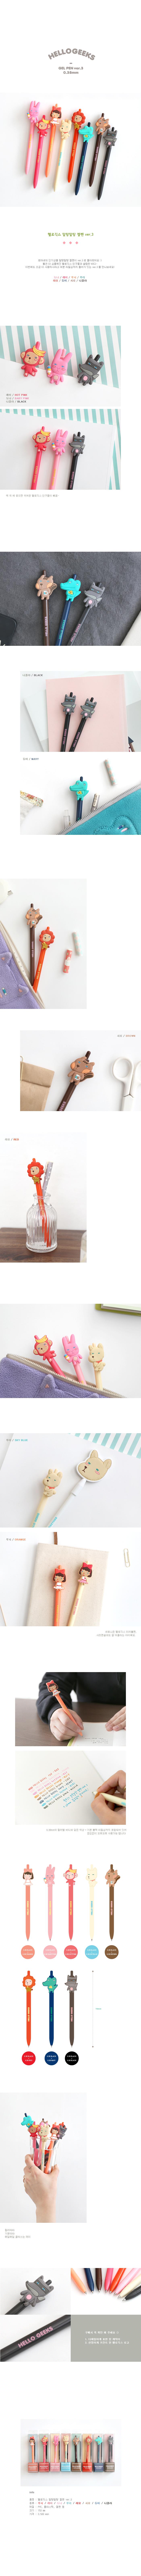 헬로긱스 말랑말랑 젤펜v3 - 로마네, 3,500원, 볼펜, 캐릭터 볼펜